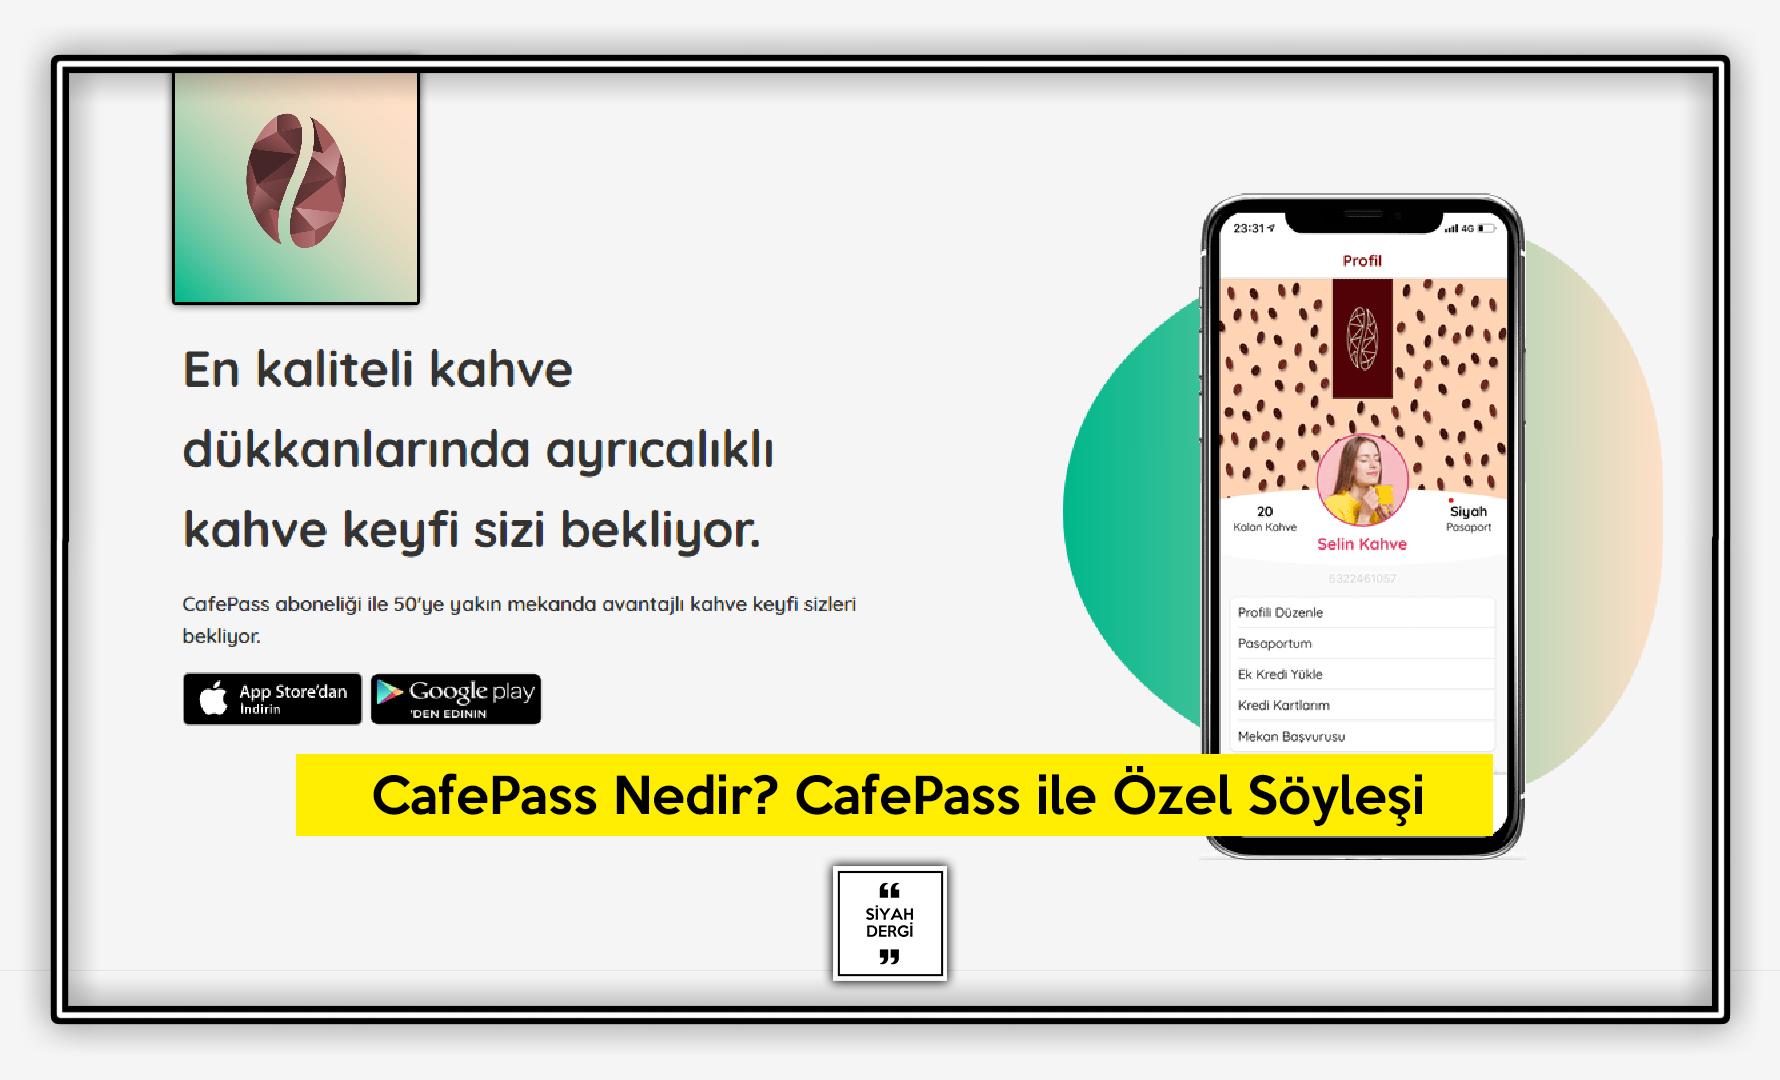 CafePass Nedir? CafePass ile Özel Söyleşi